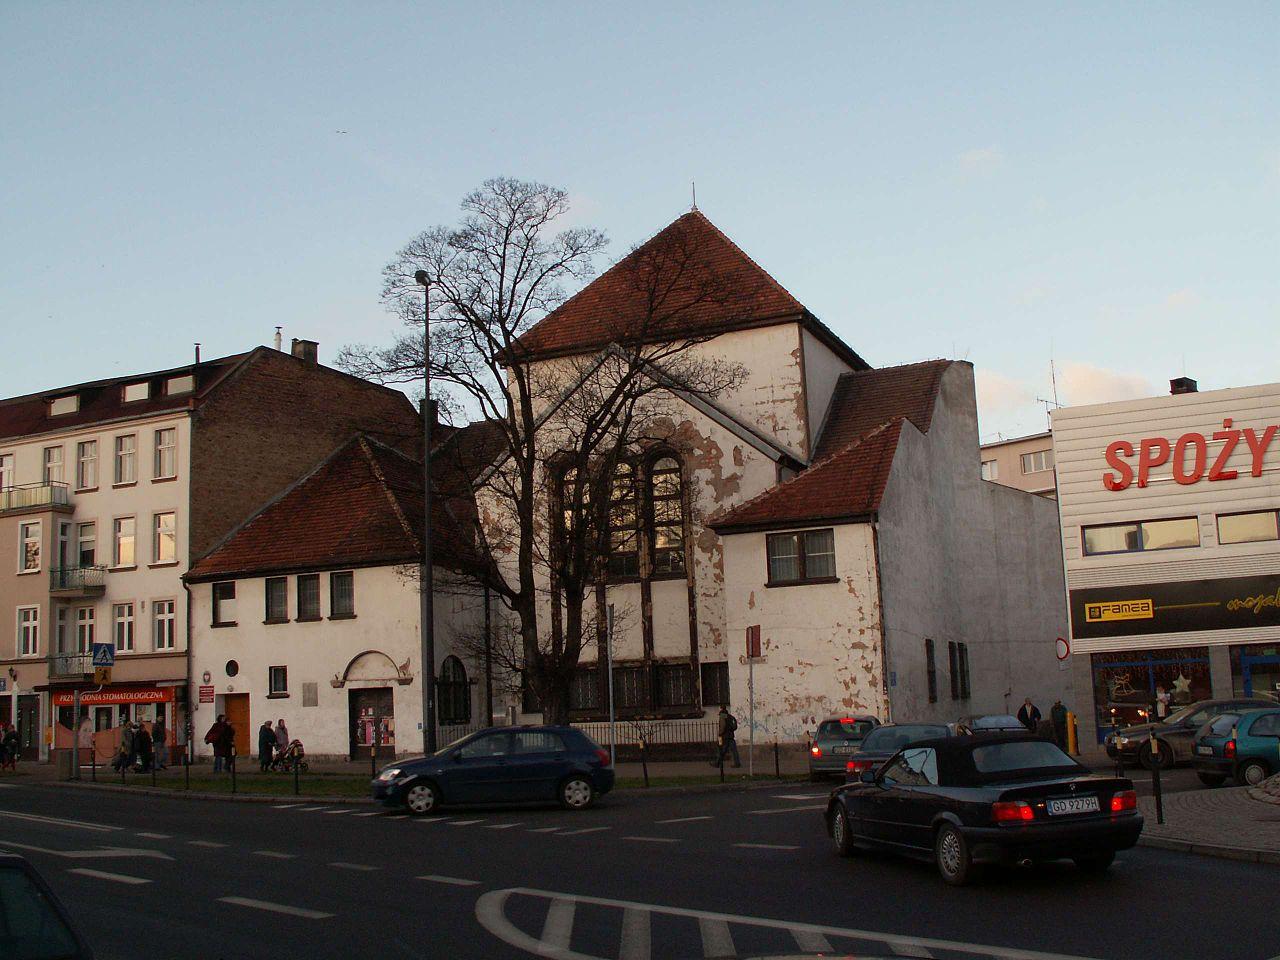 Una sinagoga polaca fue apedreada durante las oraciones de Iom Kipur